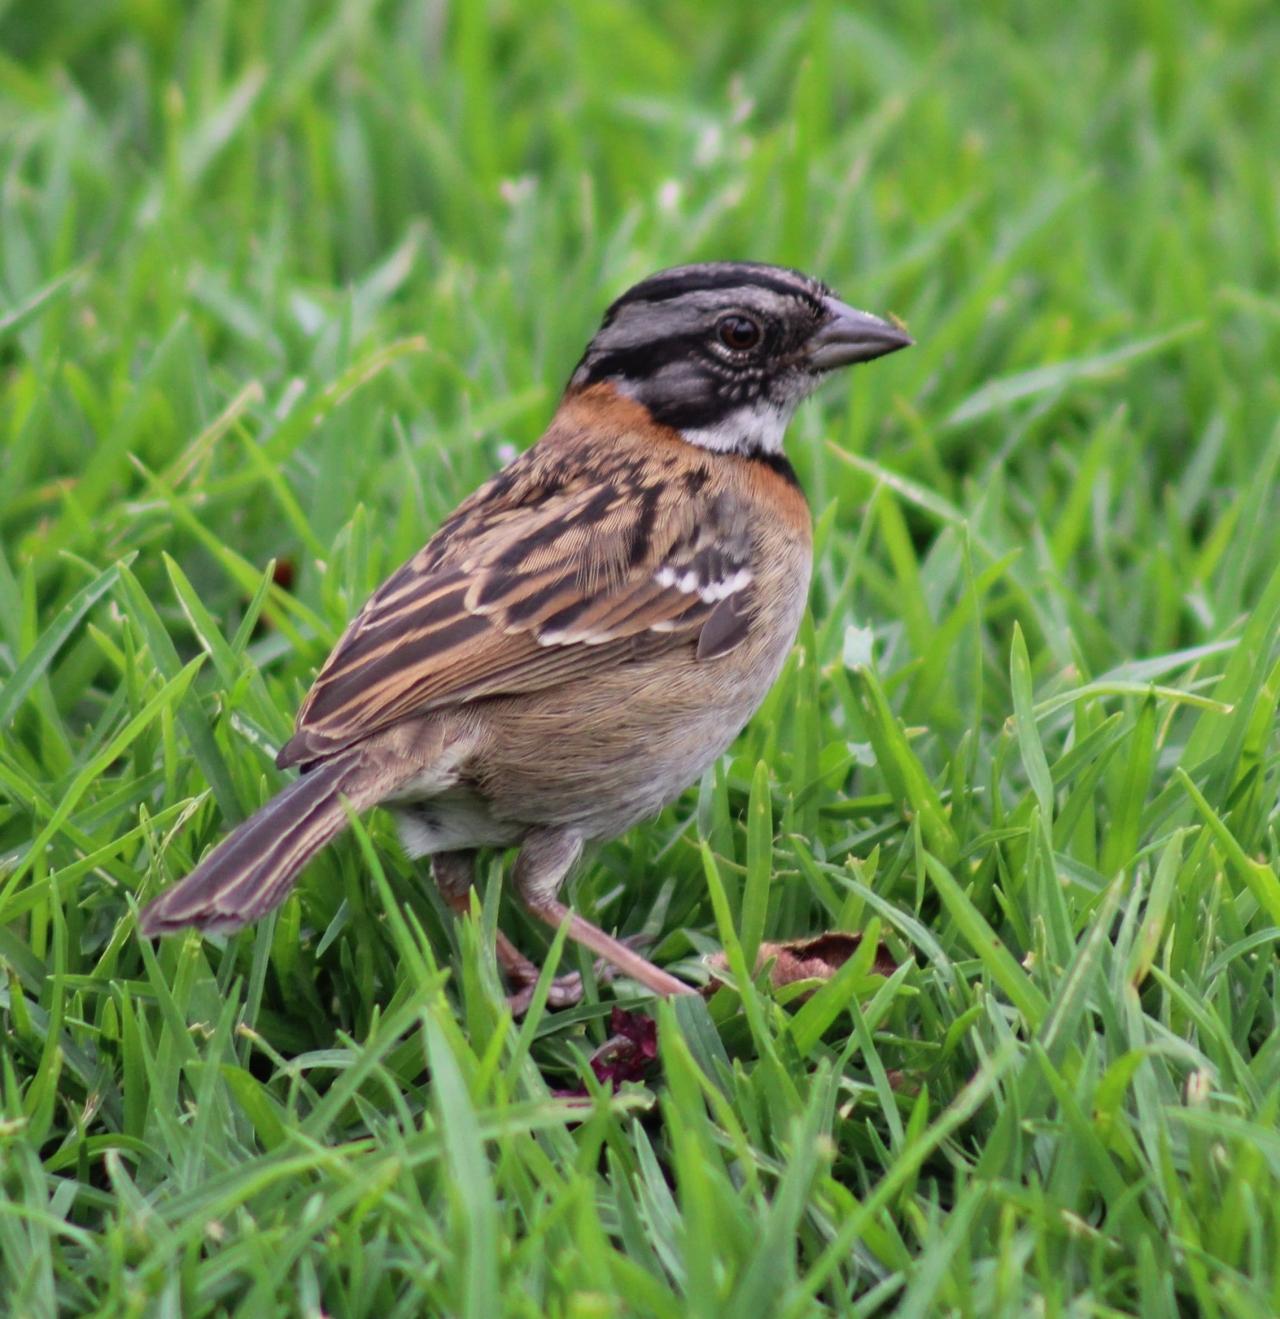 Temporada de aves migratorias en Bogotá